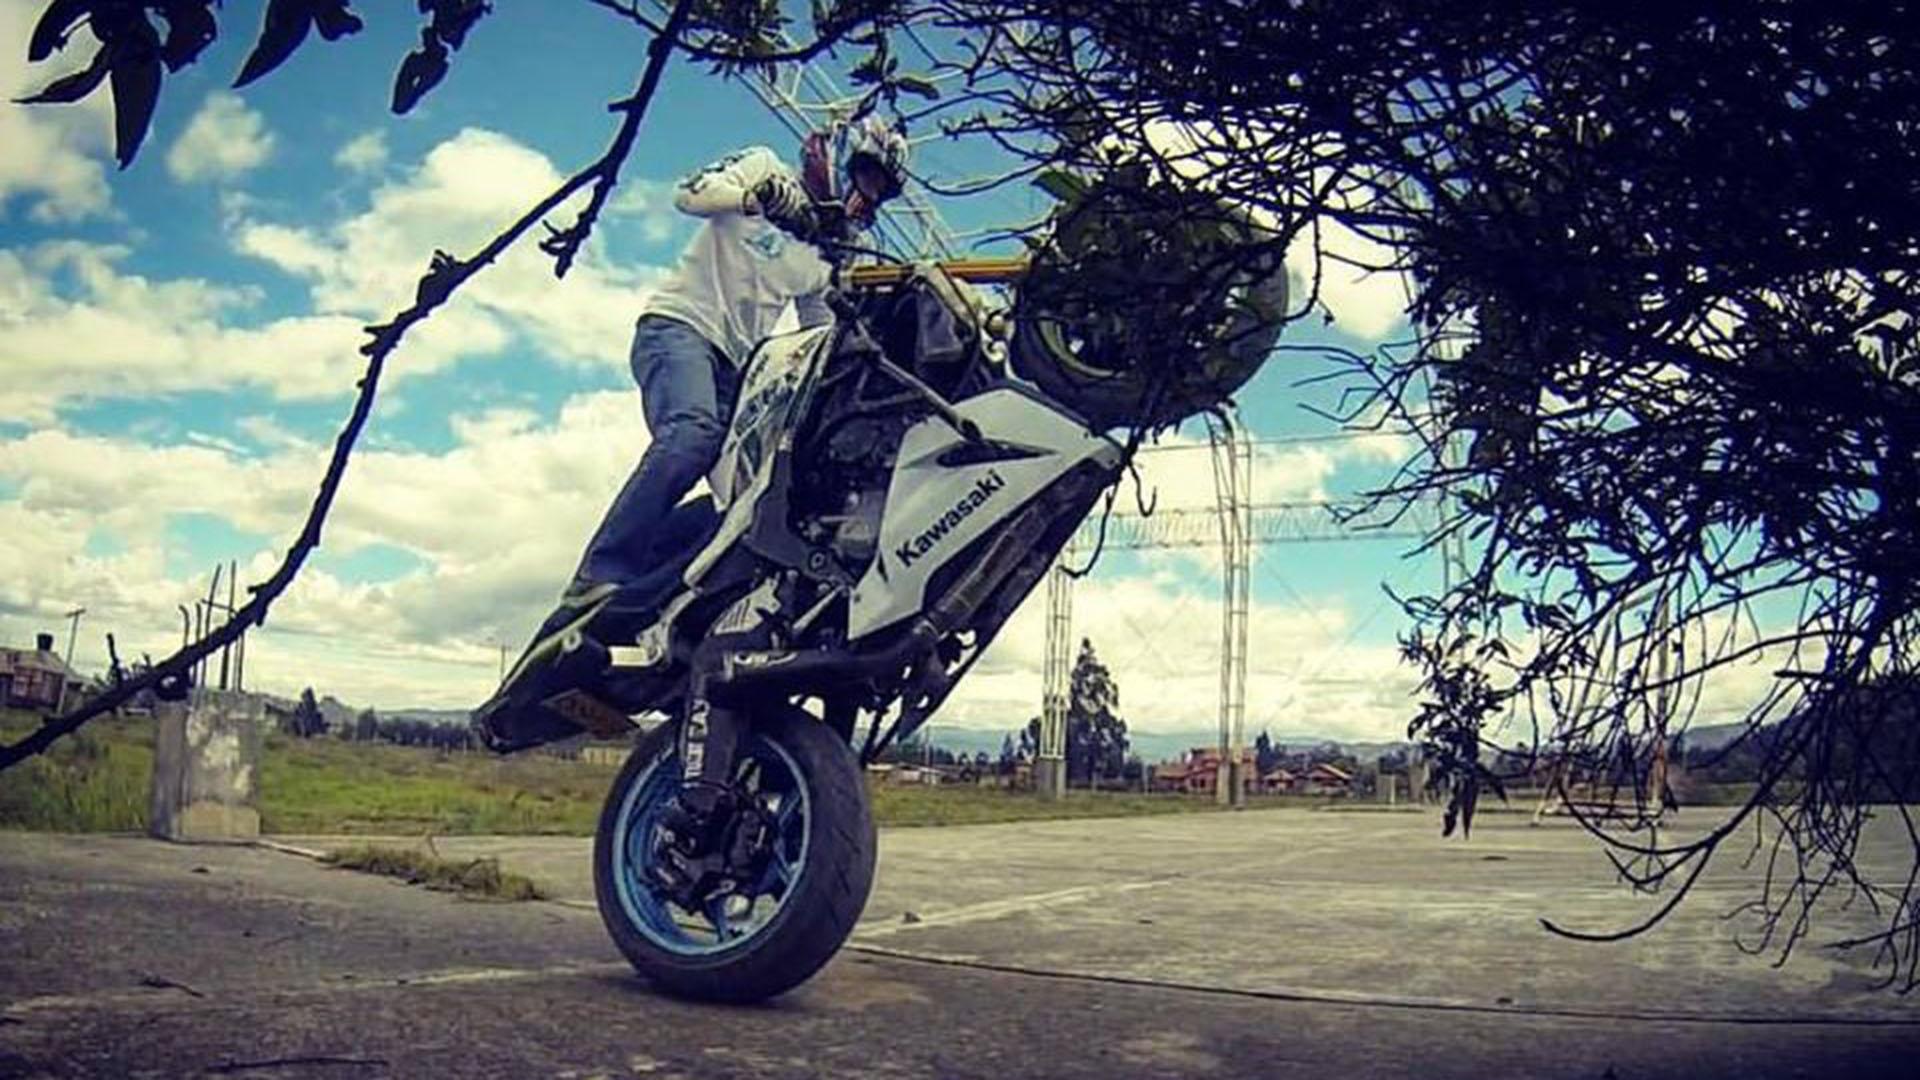 El Stunt se originó en la década de los 80's en Estados Unidos, con un grupo de jóvenes que querían dar a concocer sus destrezas en las motos. (Fotos cortesía Cristhian Benítez)